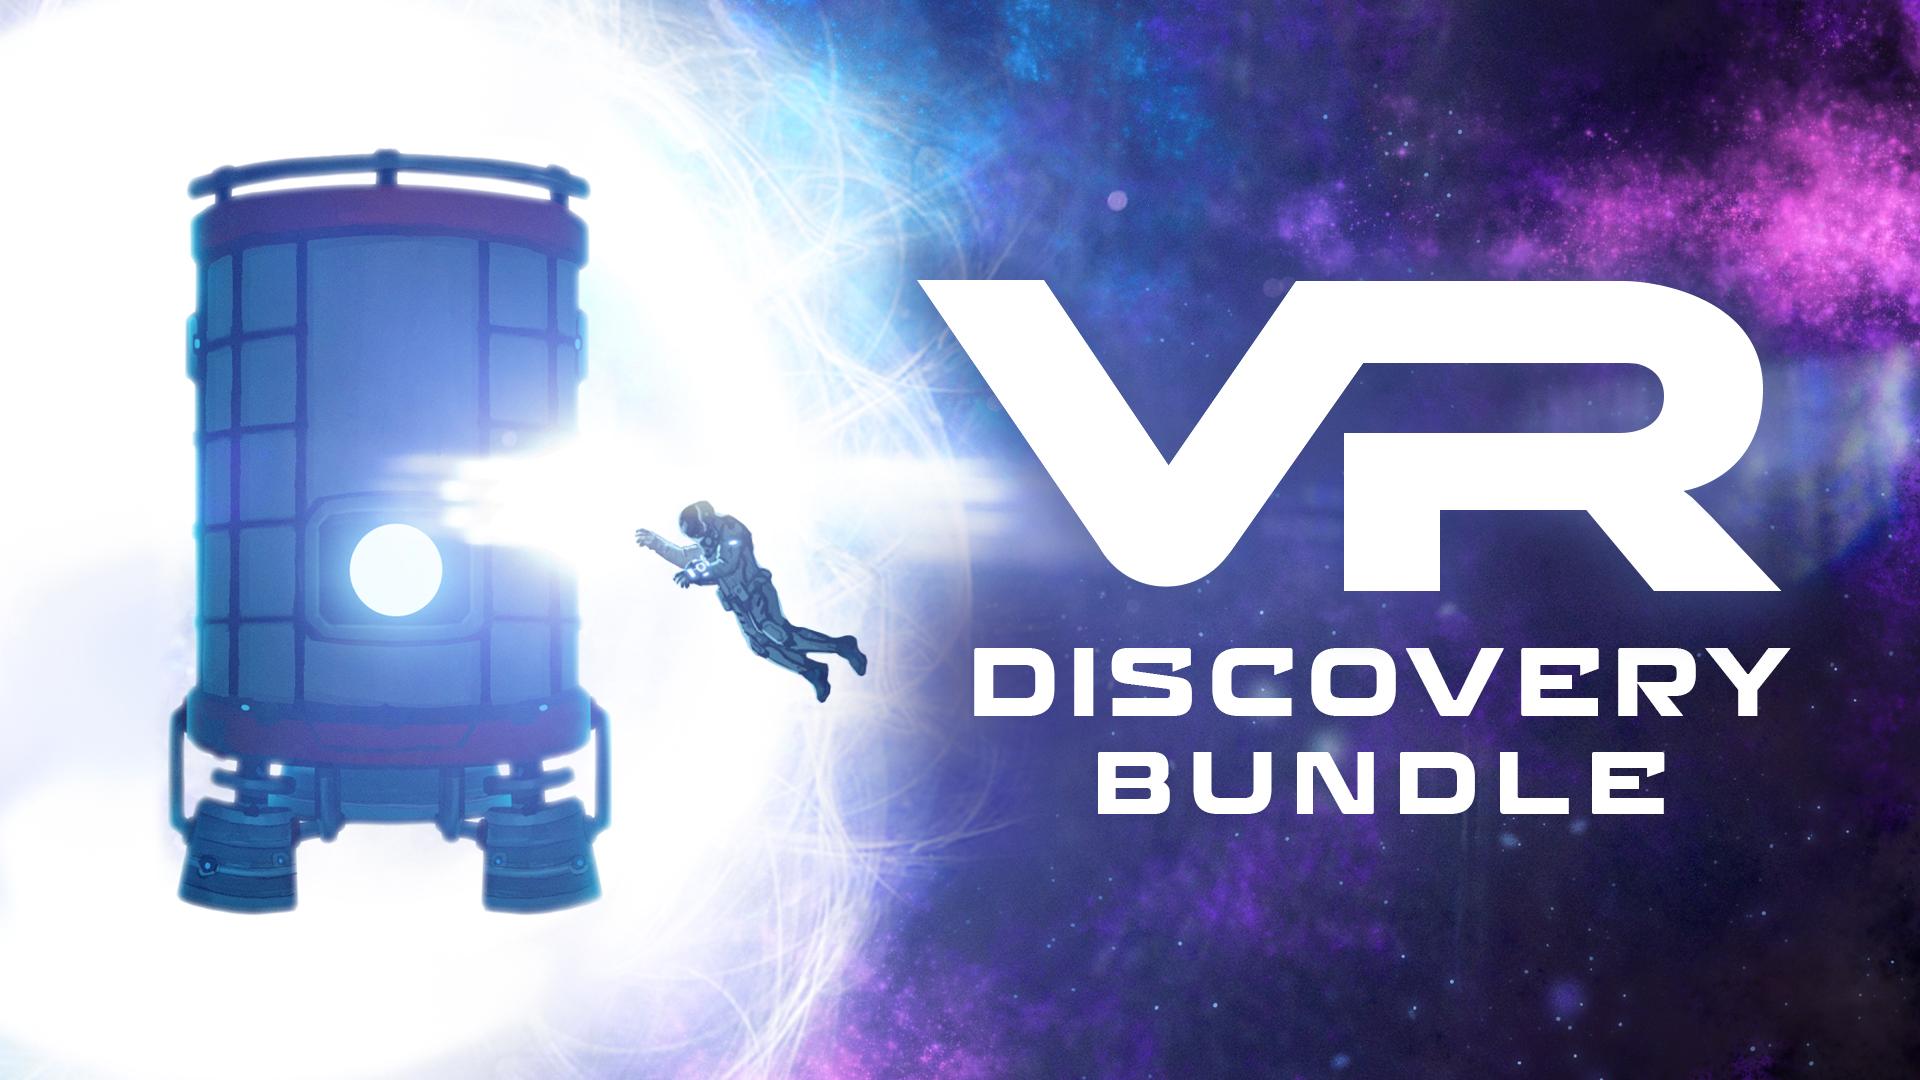 Bundle VR Discovery - DreadEye VR + Stunt Kite Masters VR à partir de 0.99€ (Dématérialisé, Steam)